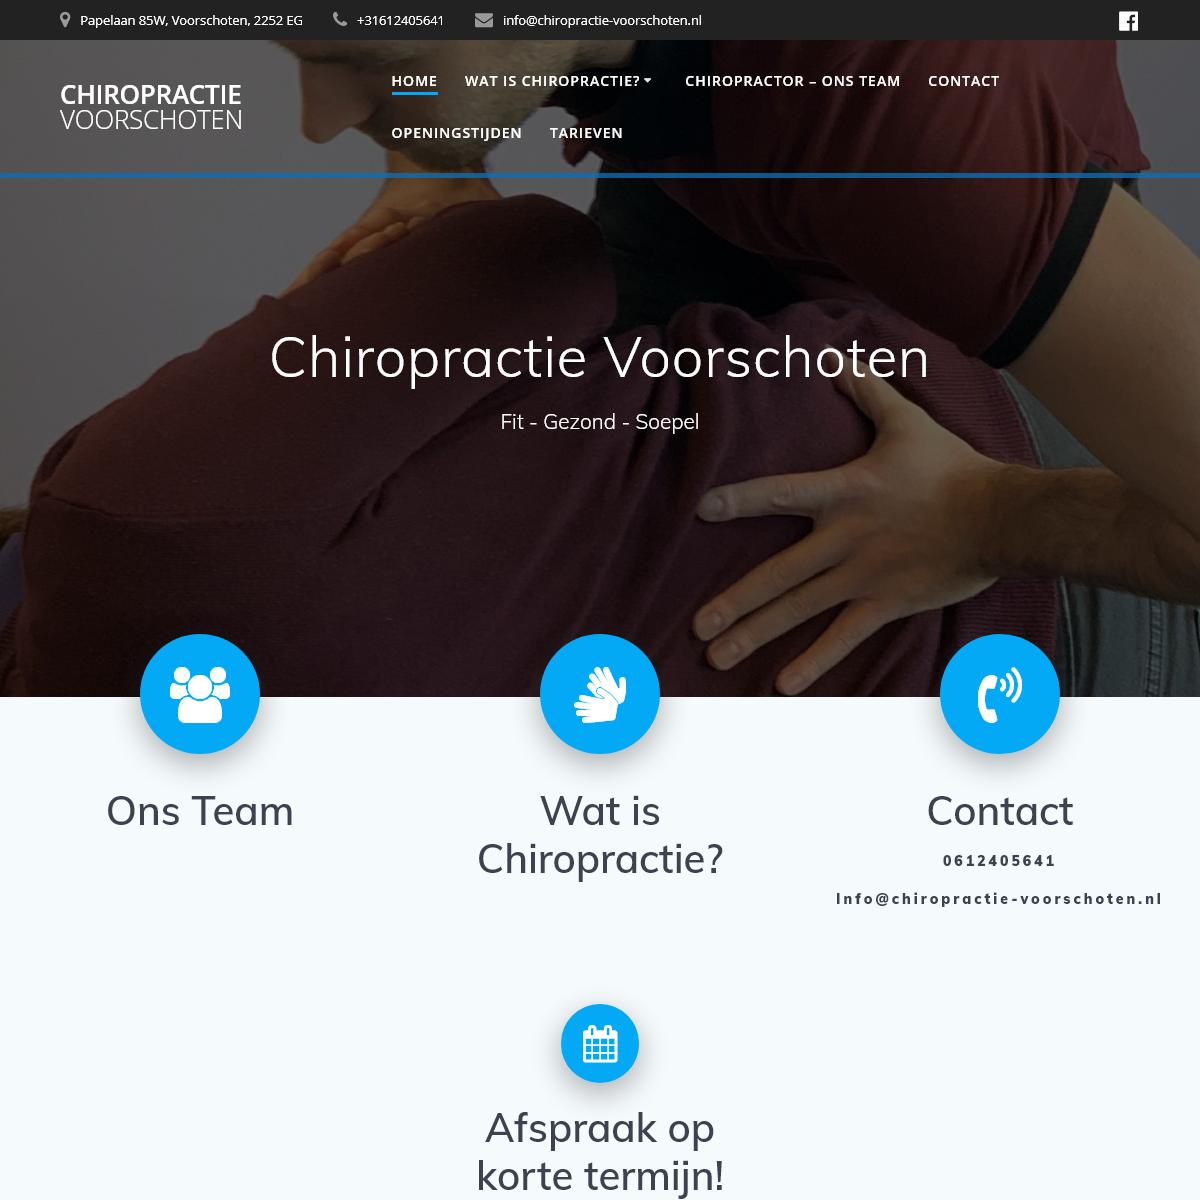 Chiropractie Voorschoten – Chiropractie Voorschoten – Chiropractie Praktijk